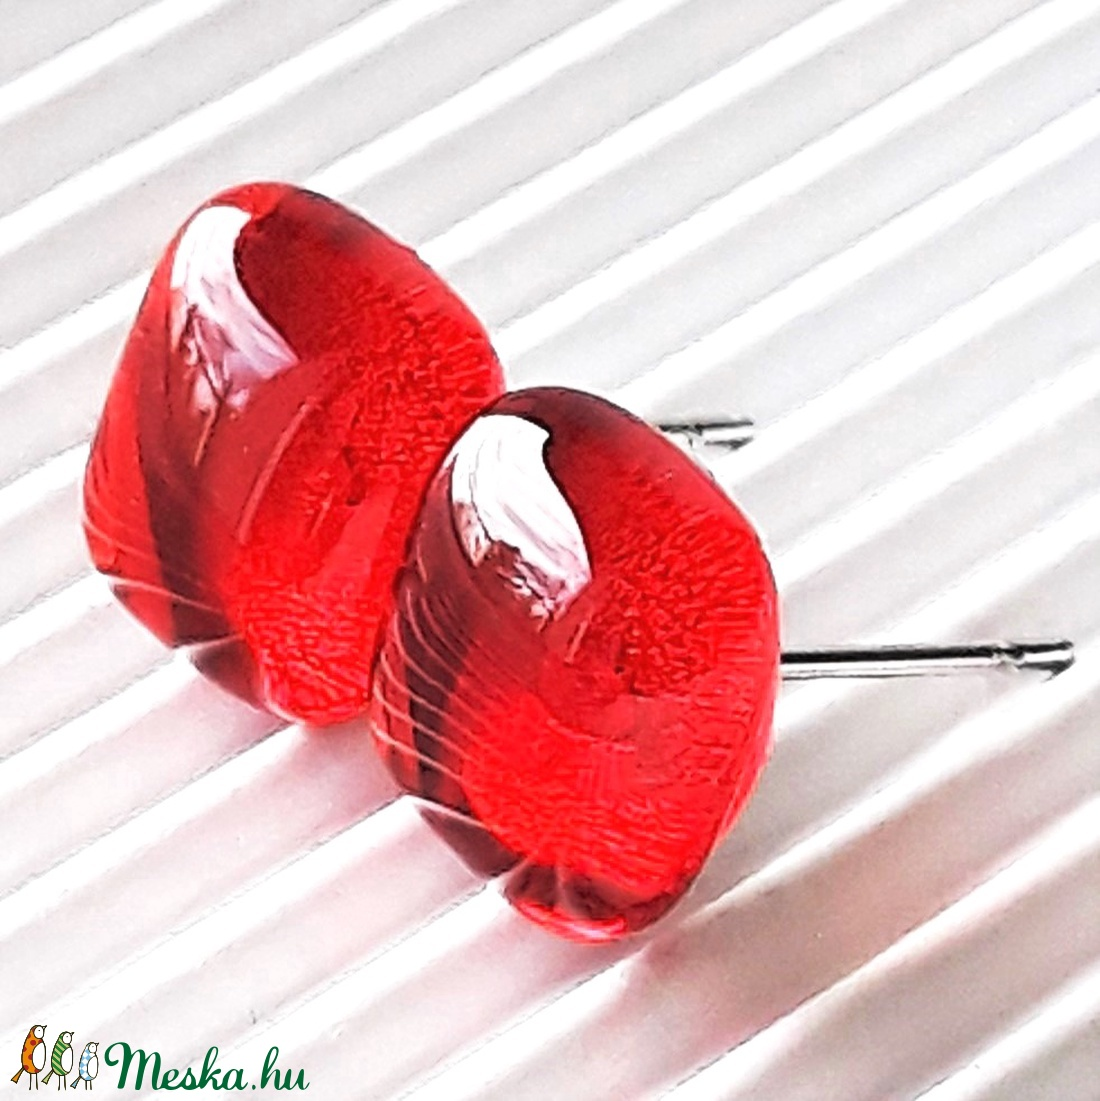 Orvosi fém alapon Narancsdzsem kocka üveg fülbevaló, üvegékszer - ékszer - fülbevaló - pötty fülbevaló - Meska.hu